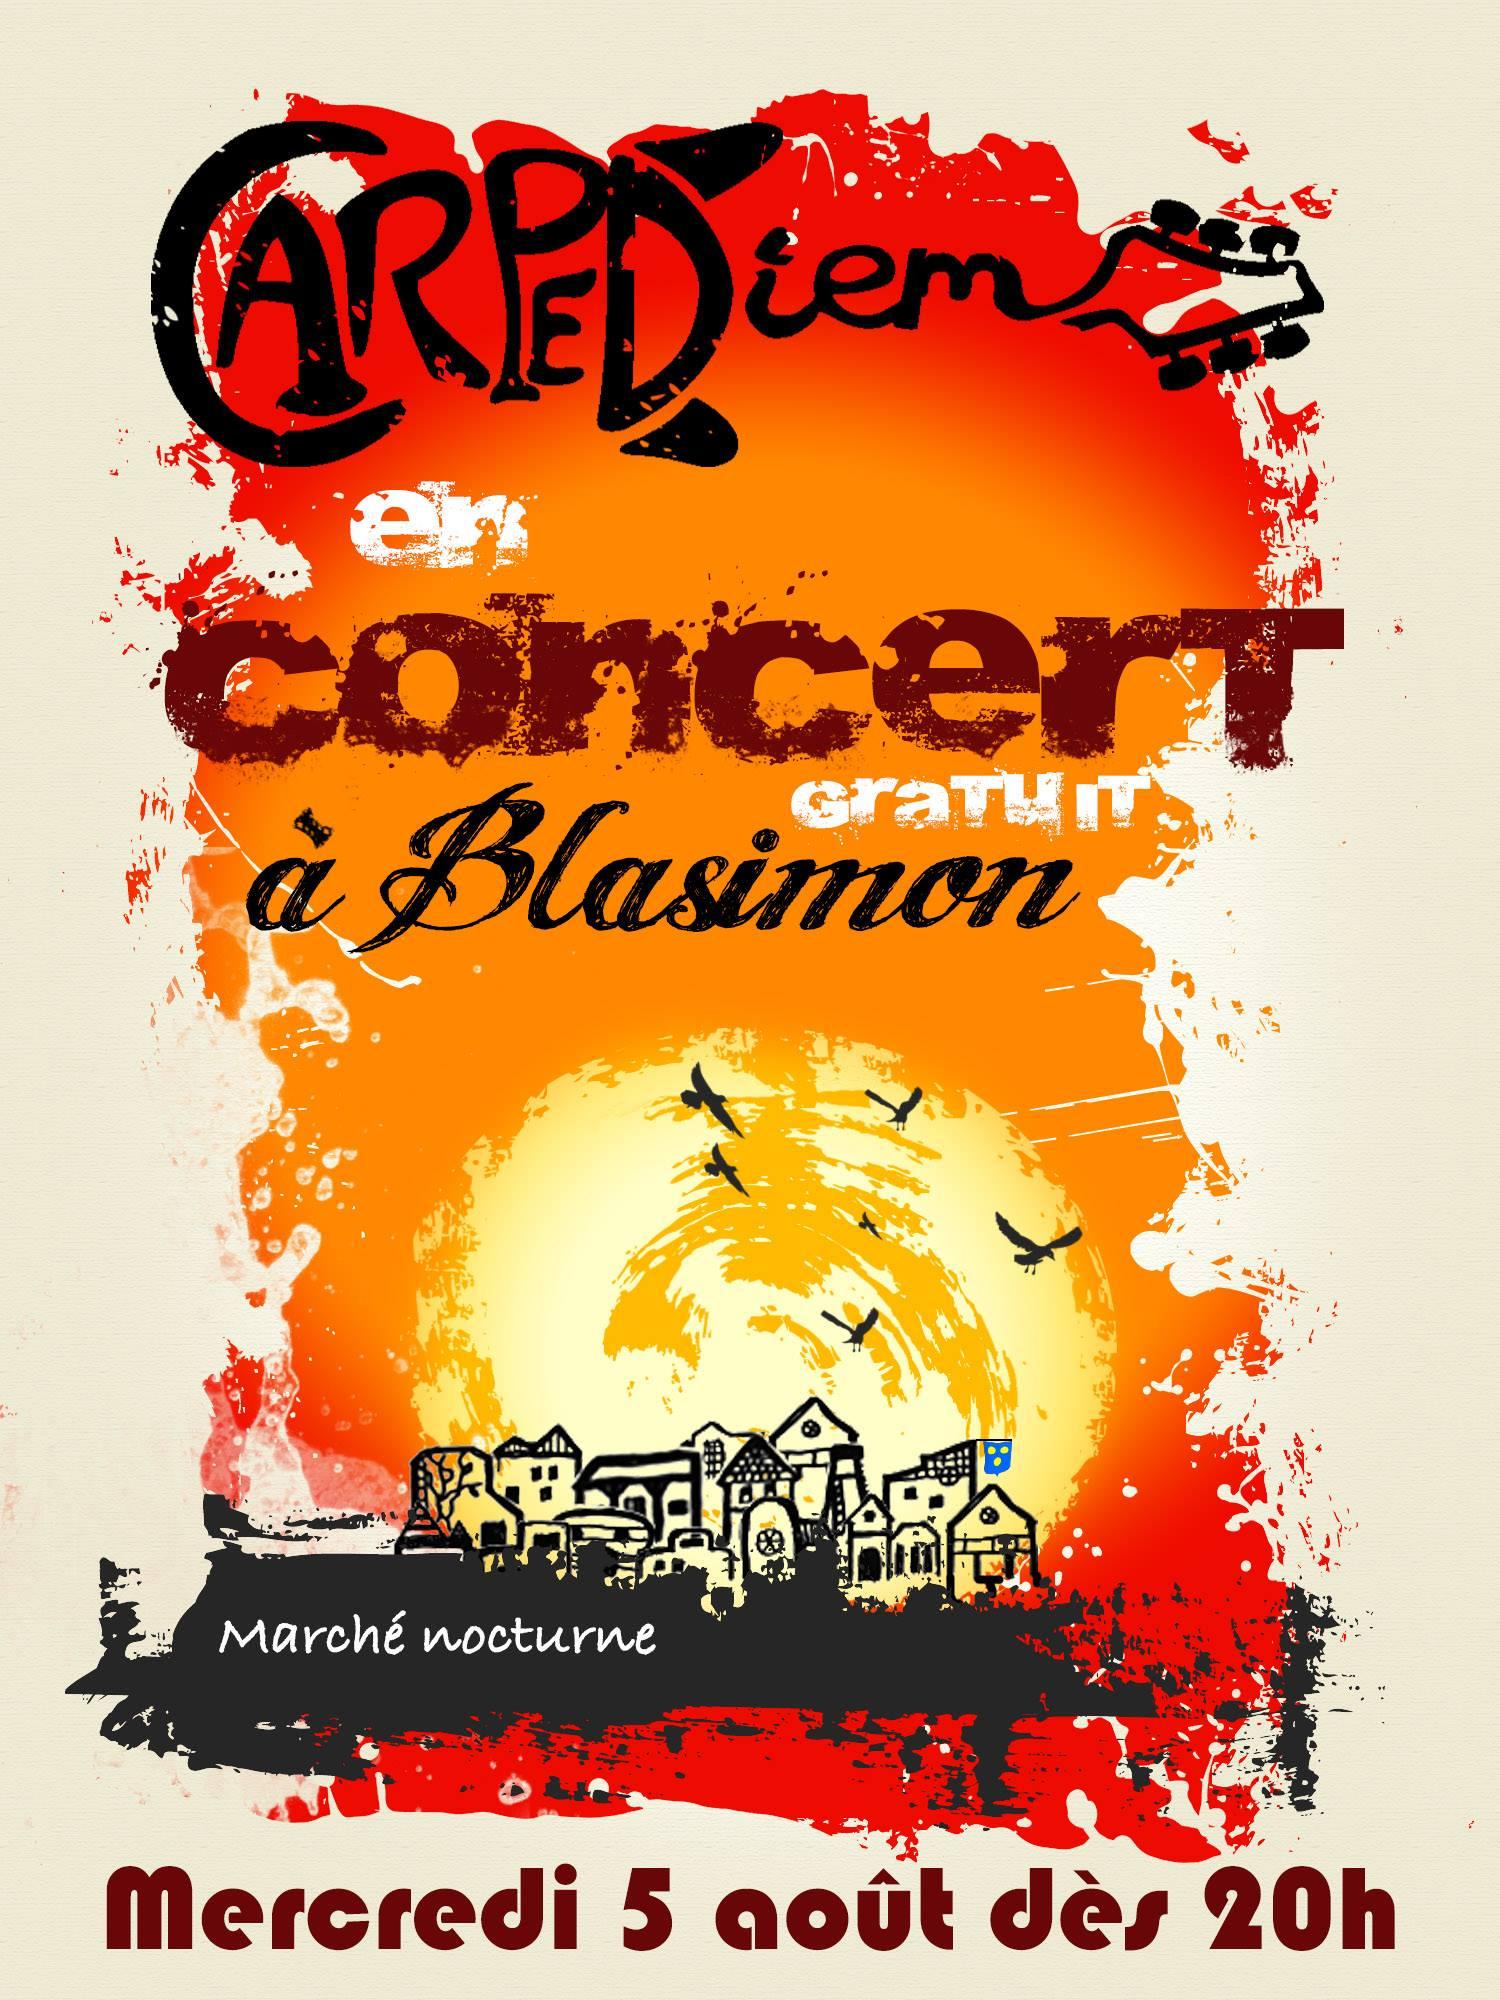 concert-marché-blasimon-carpe_diem